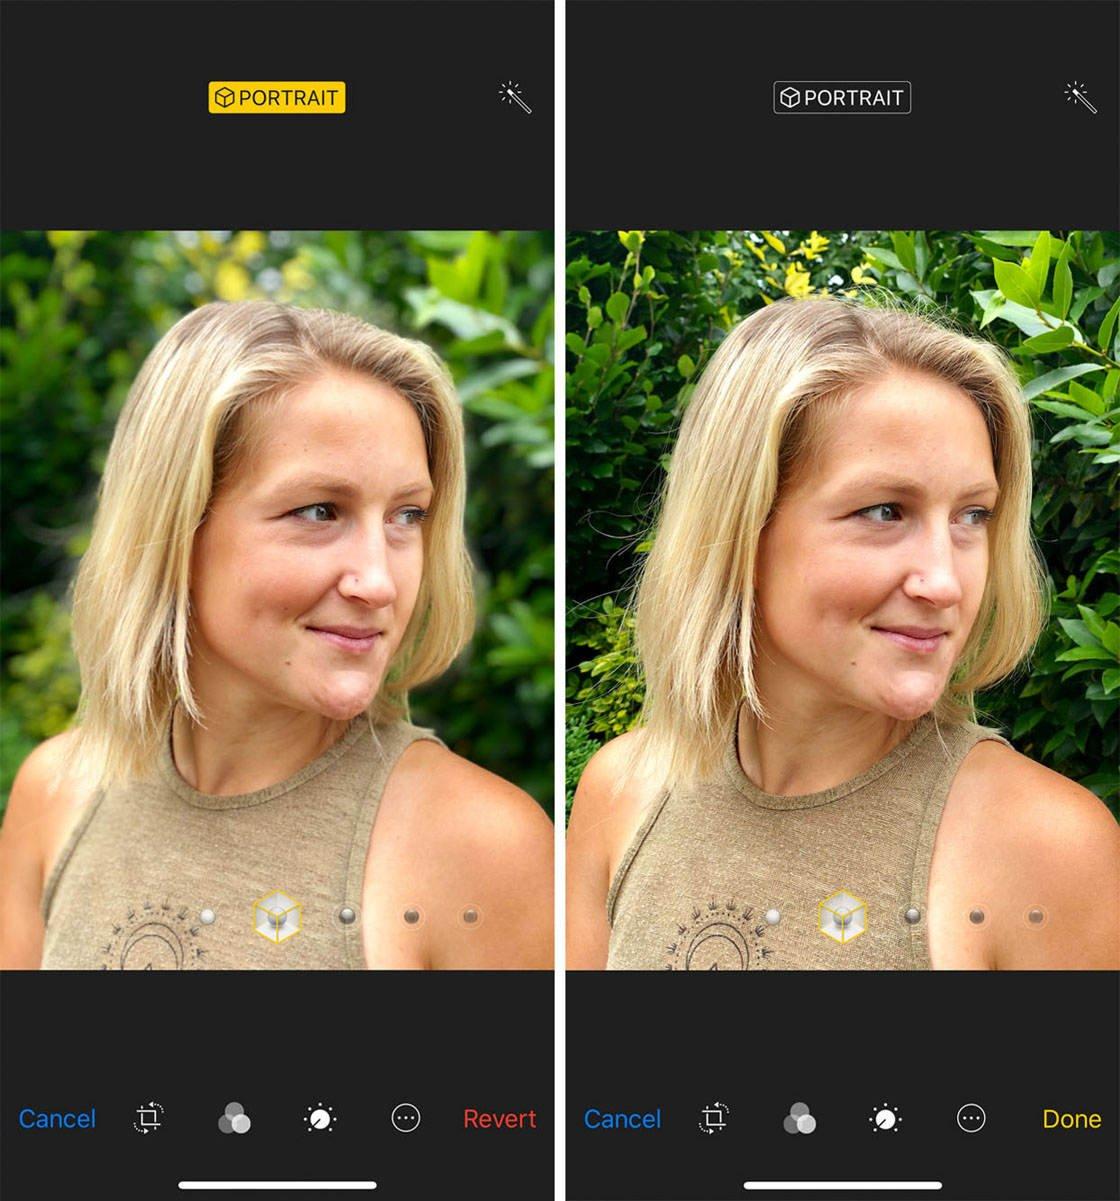 Iphone x camera features 28 no script